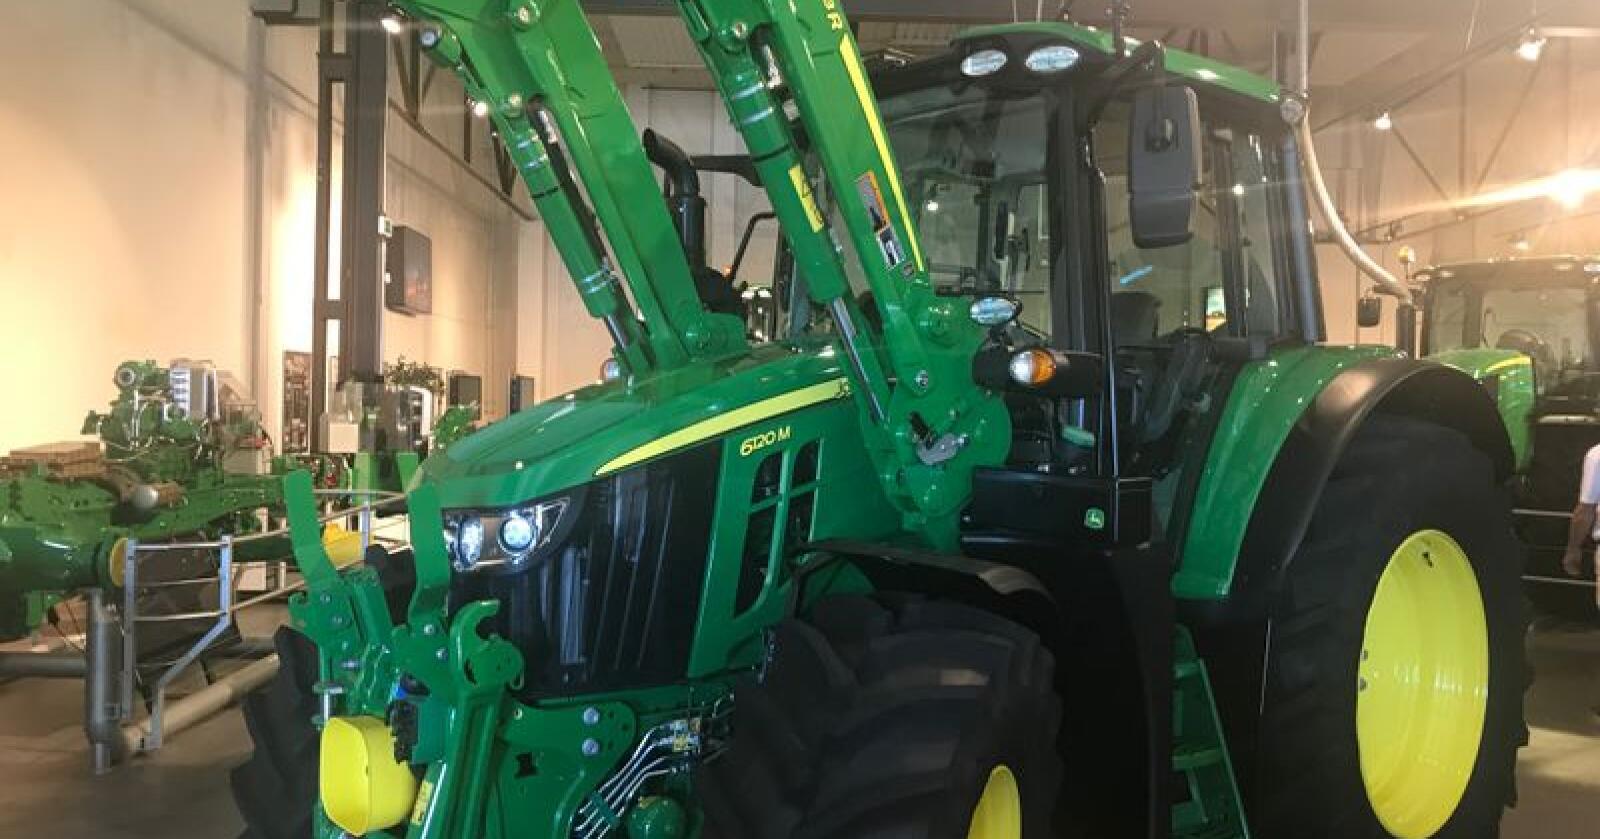 John Deeres nye 6M-serie skal med sitt skråstilte panser og korte akselastand, være en velegna traktor for frontlasterkjøring. (Foto: Lars Raaen)